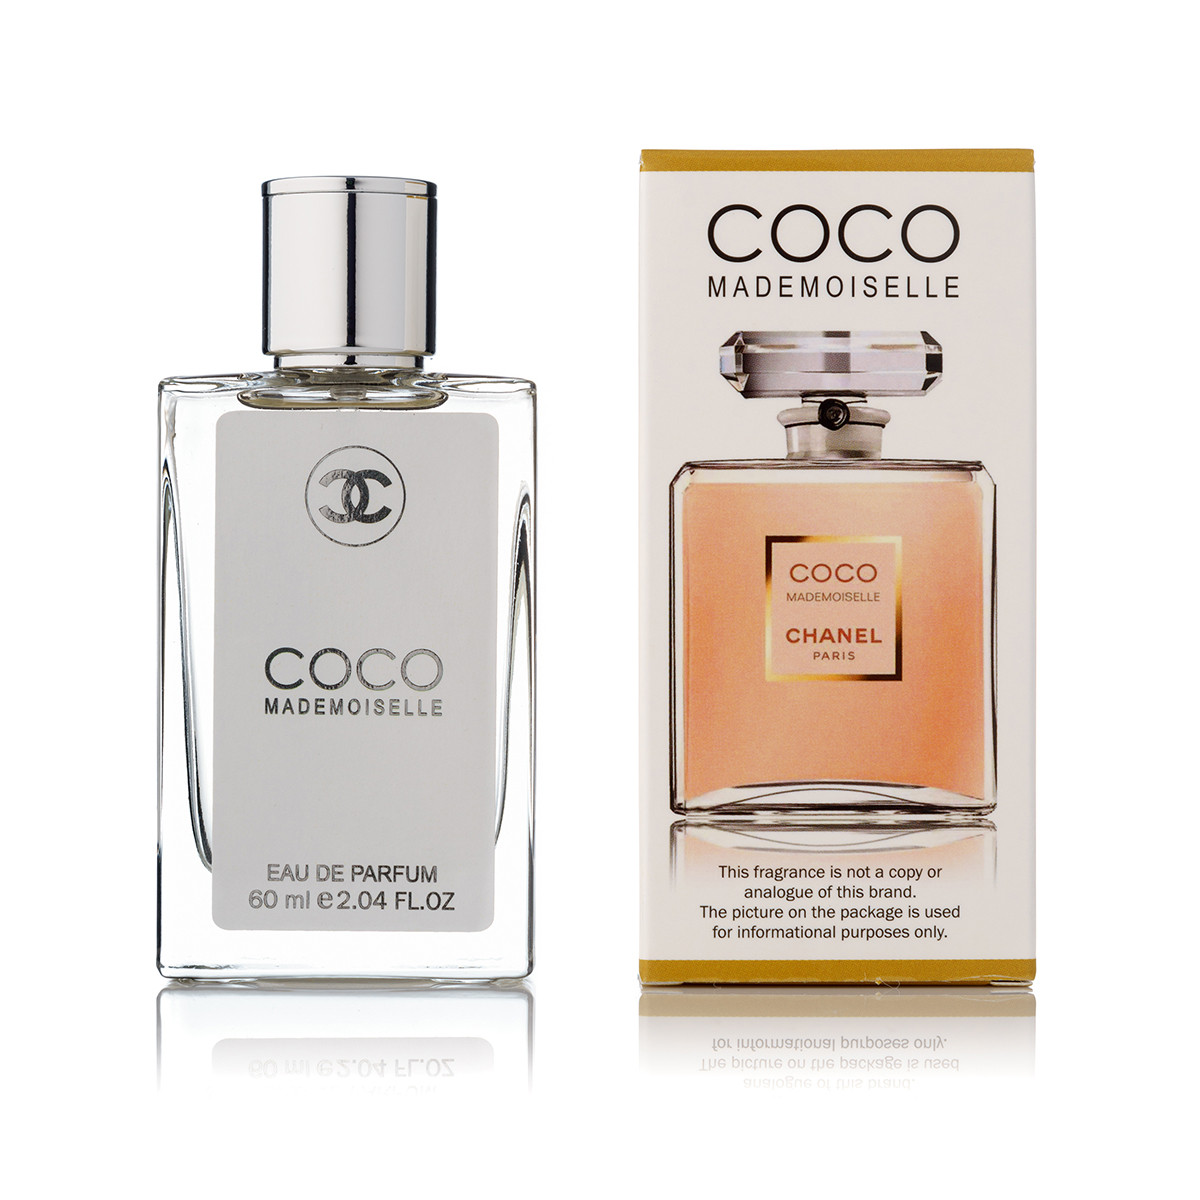 60 мл мини парфюм Coco Mademoiselle Parfum Chanel -(Ж)